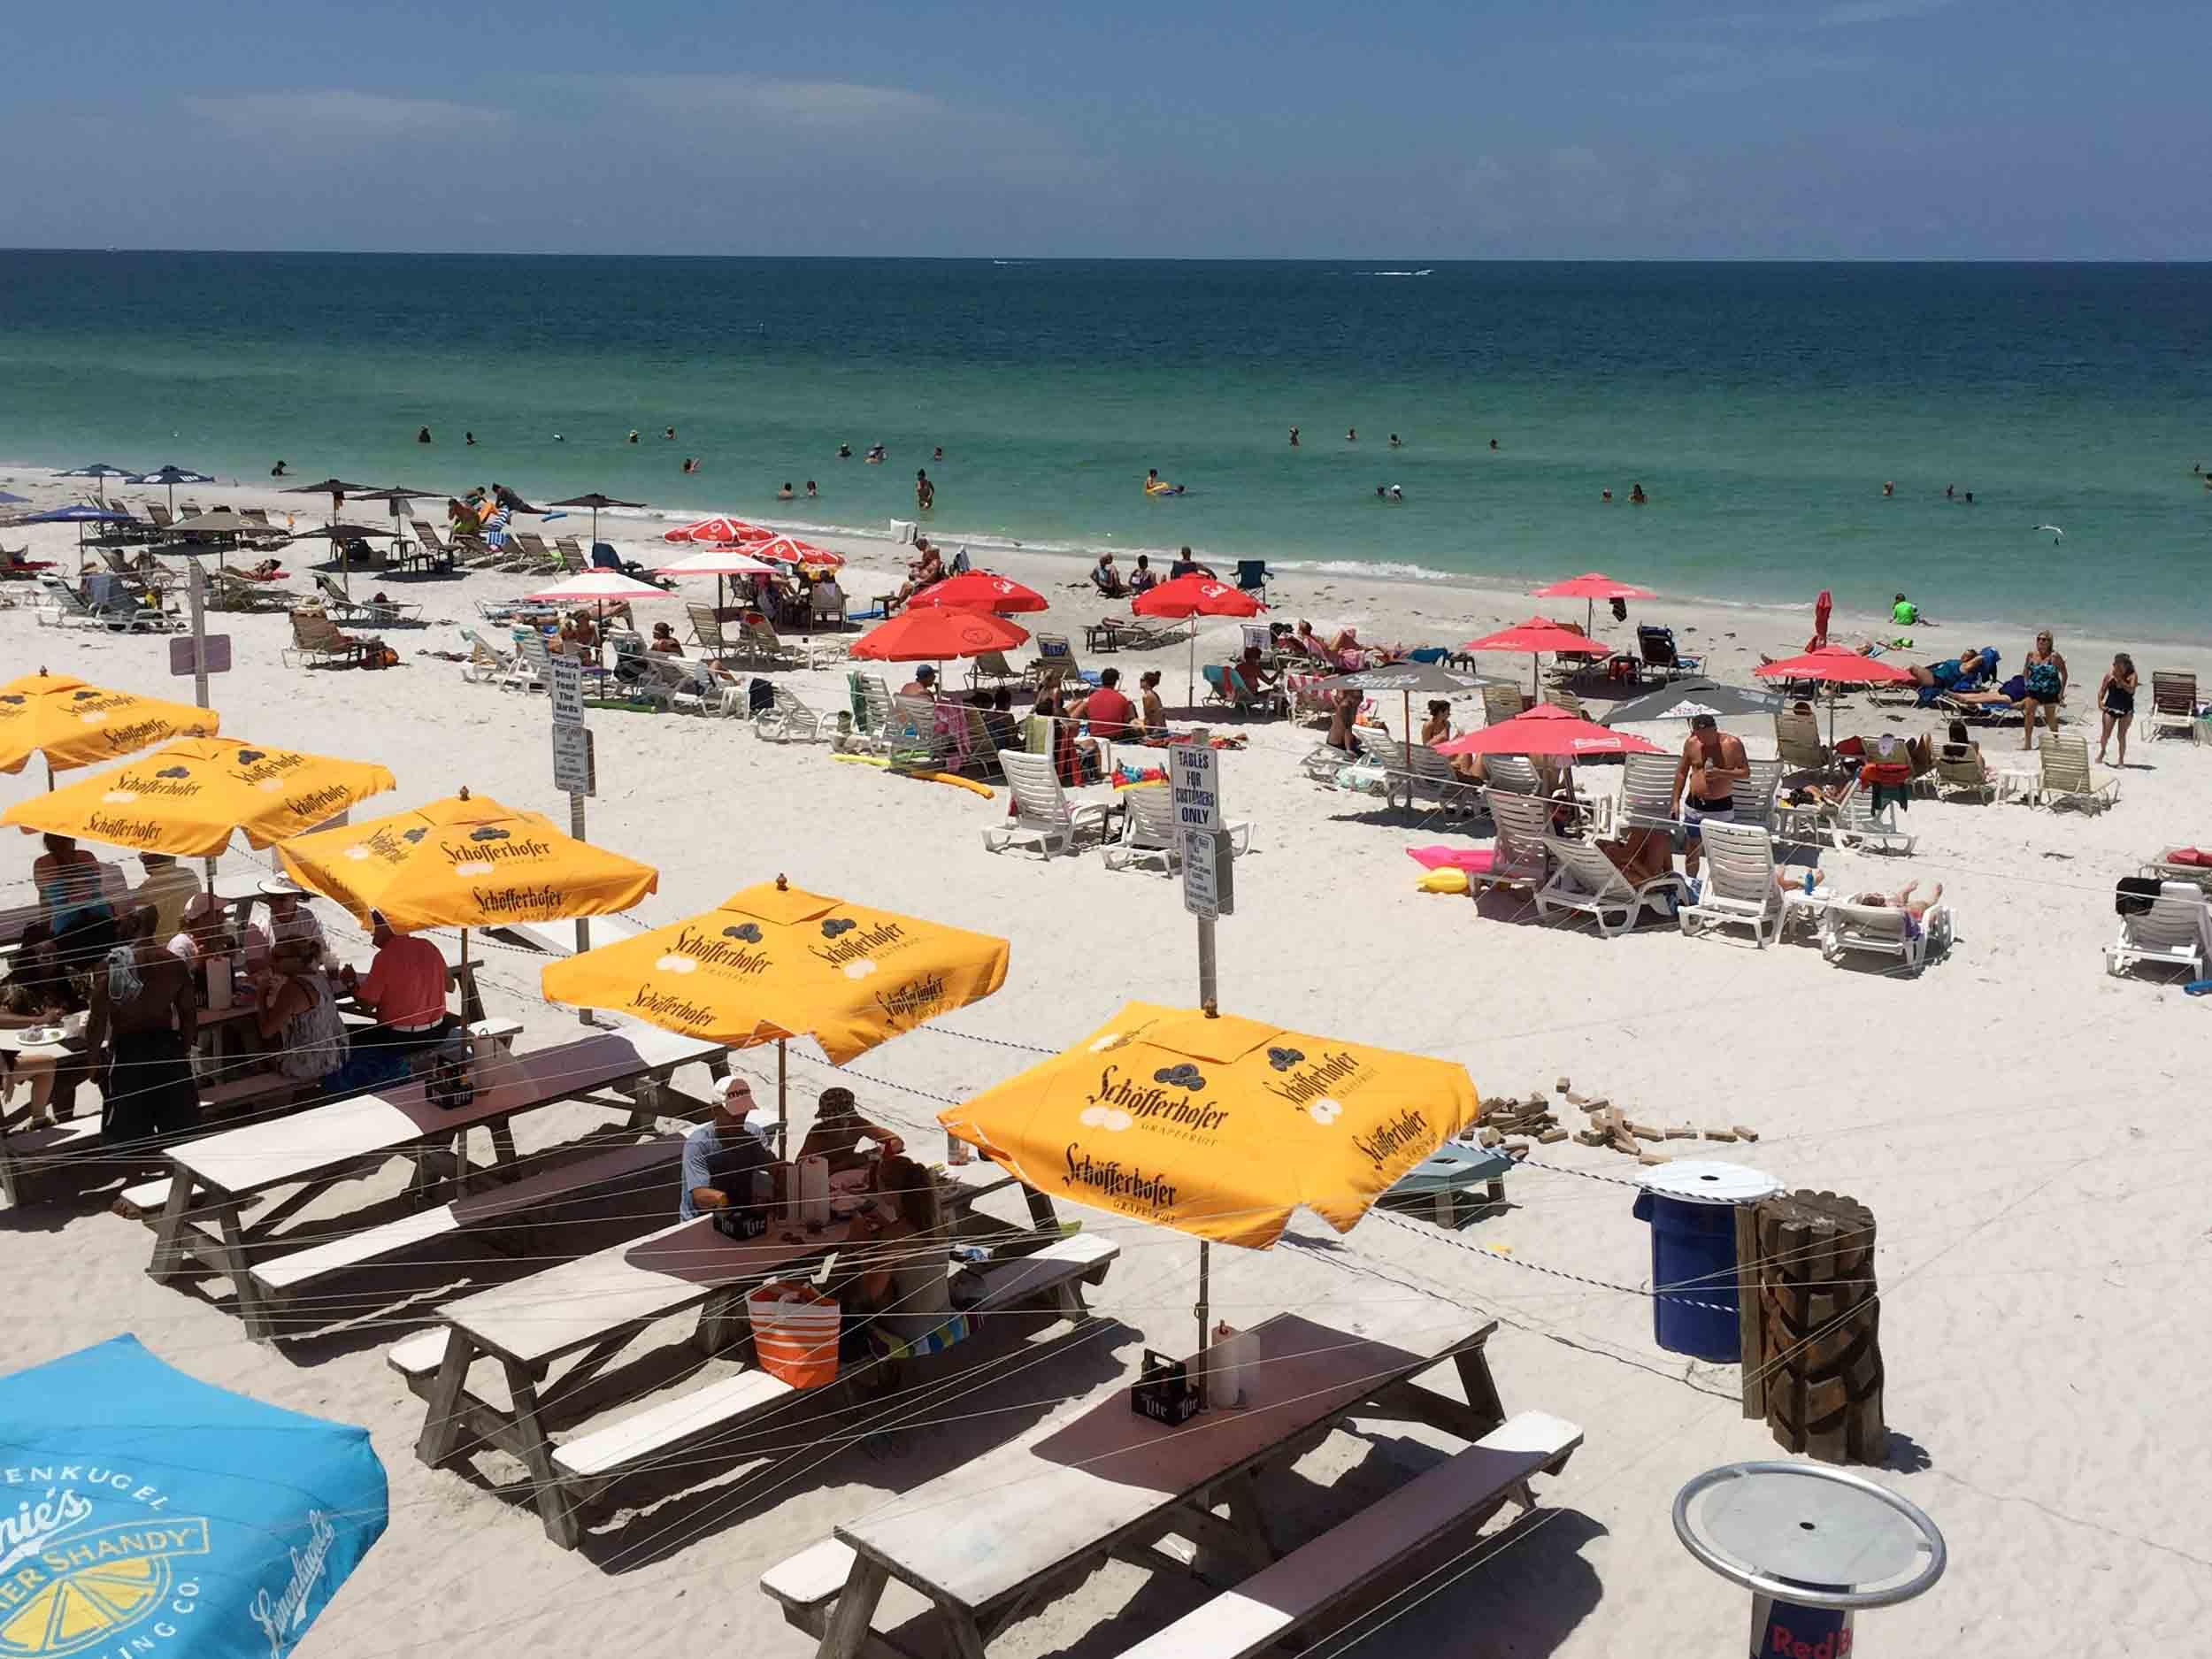 Caddy's on the Beach Tables